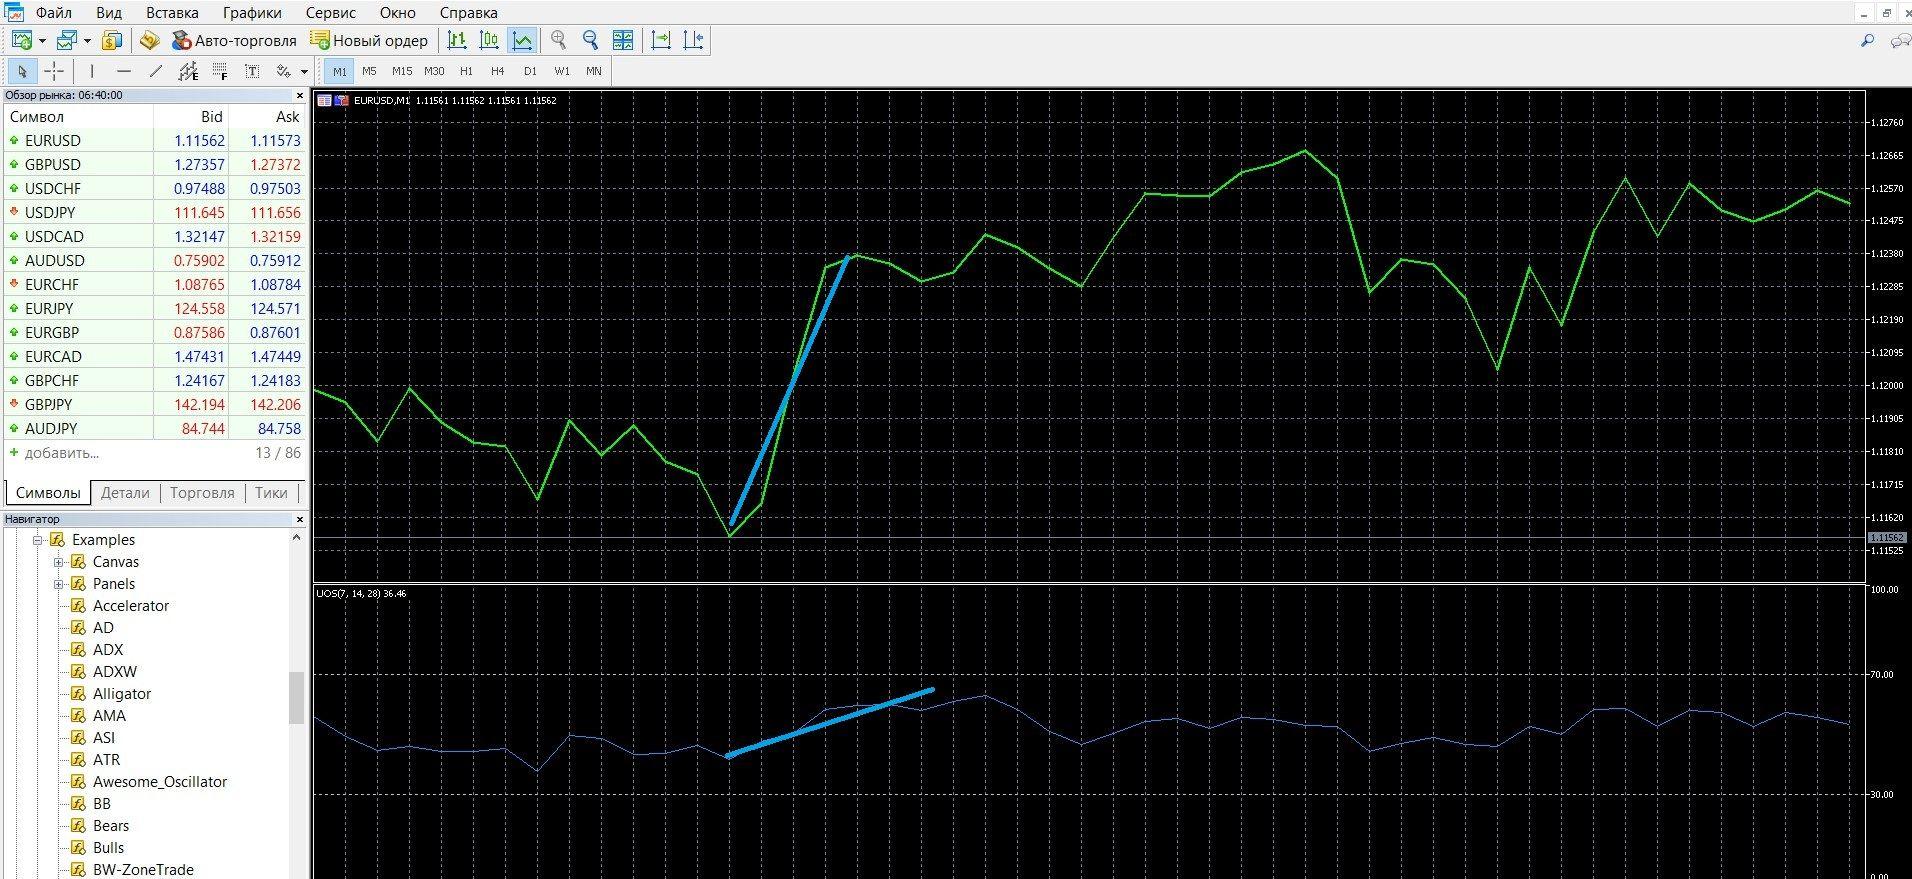 Сигнал дивергенции UO возникает на восходящем тренде